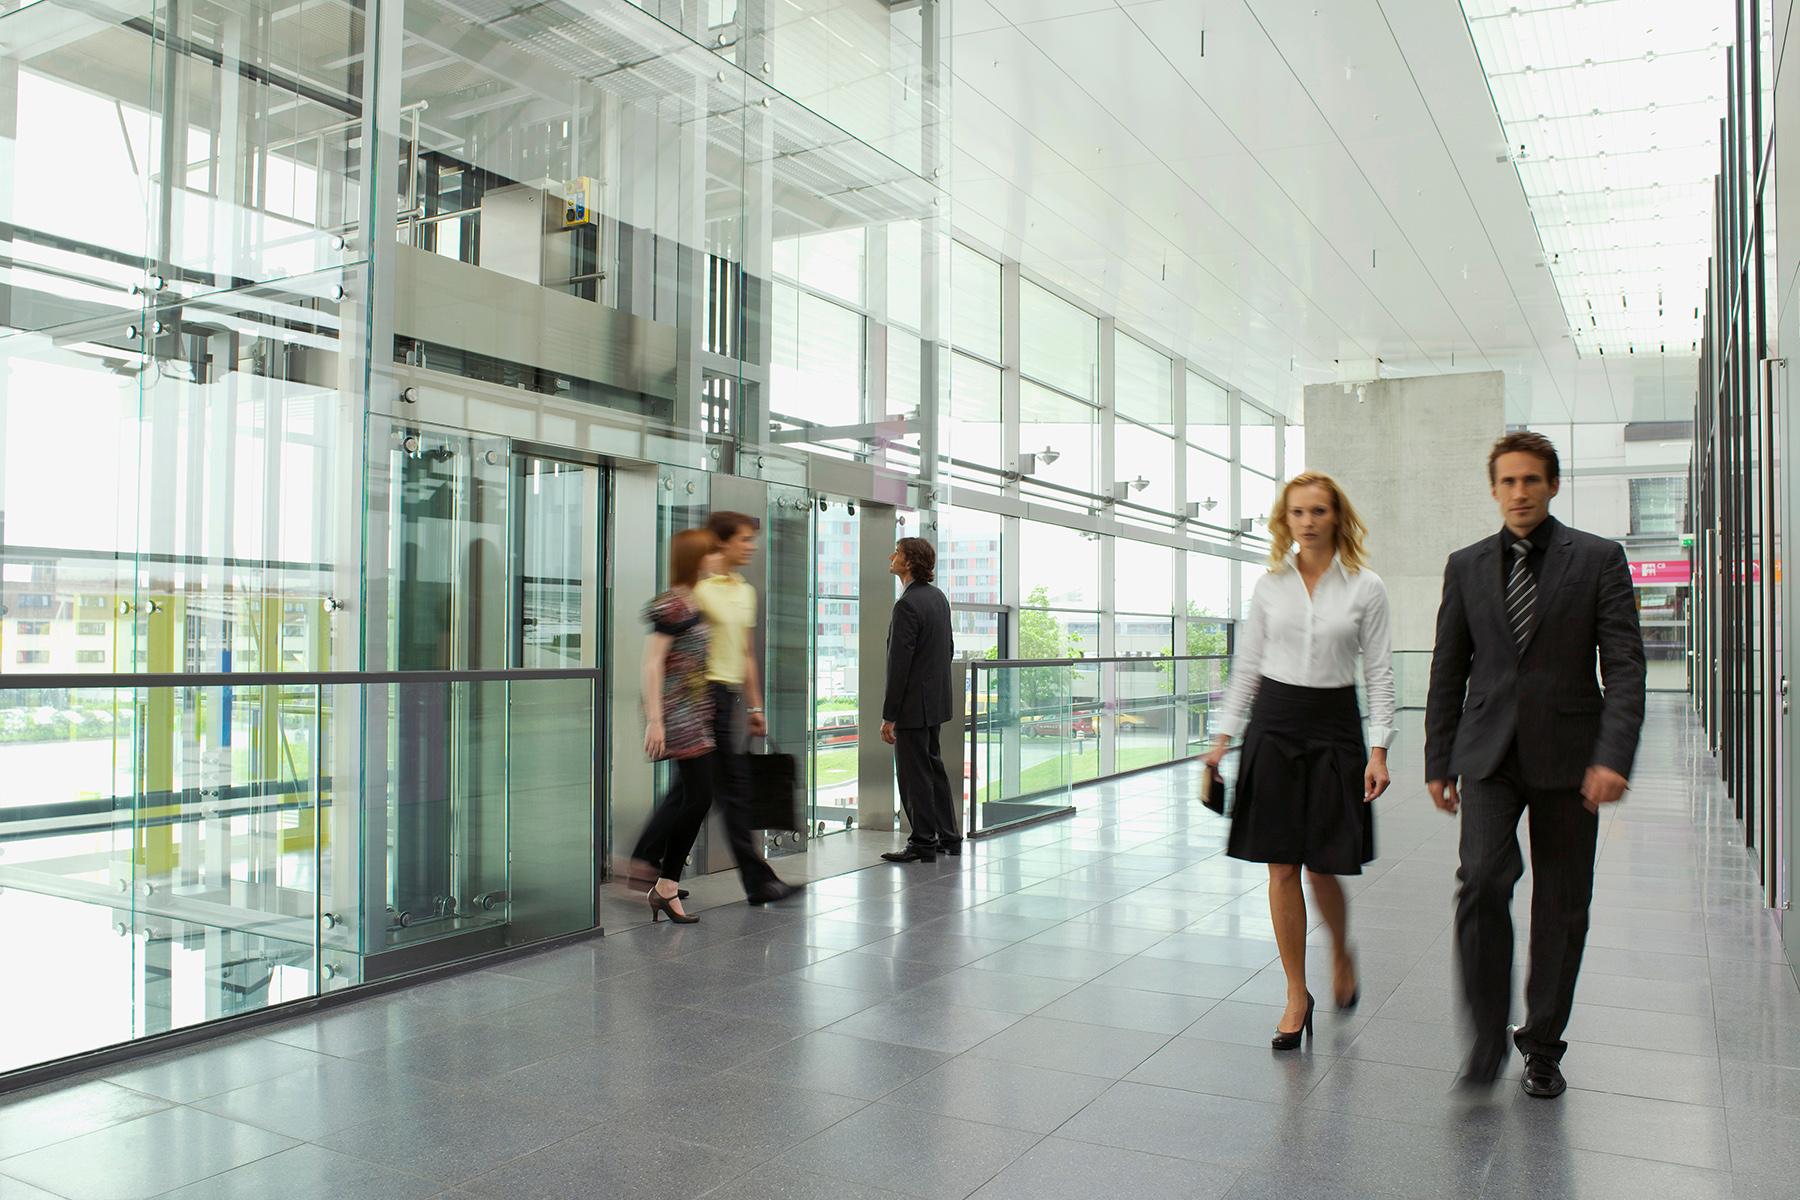 German office corridor